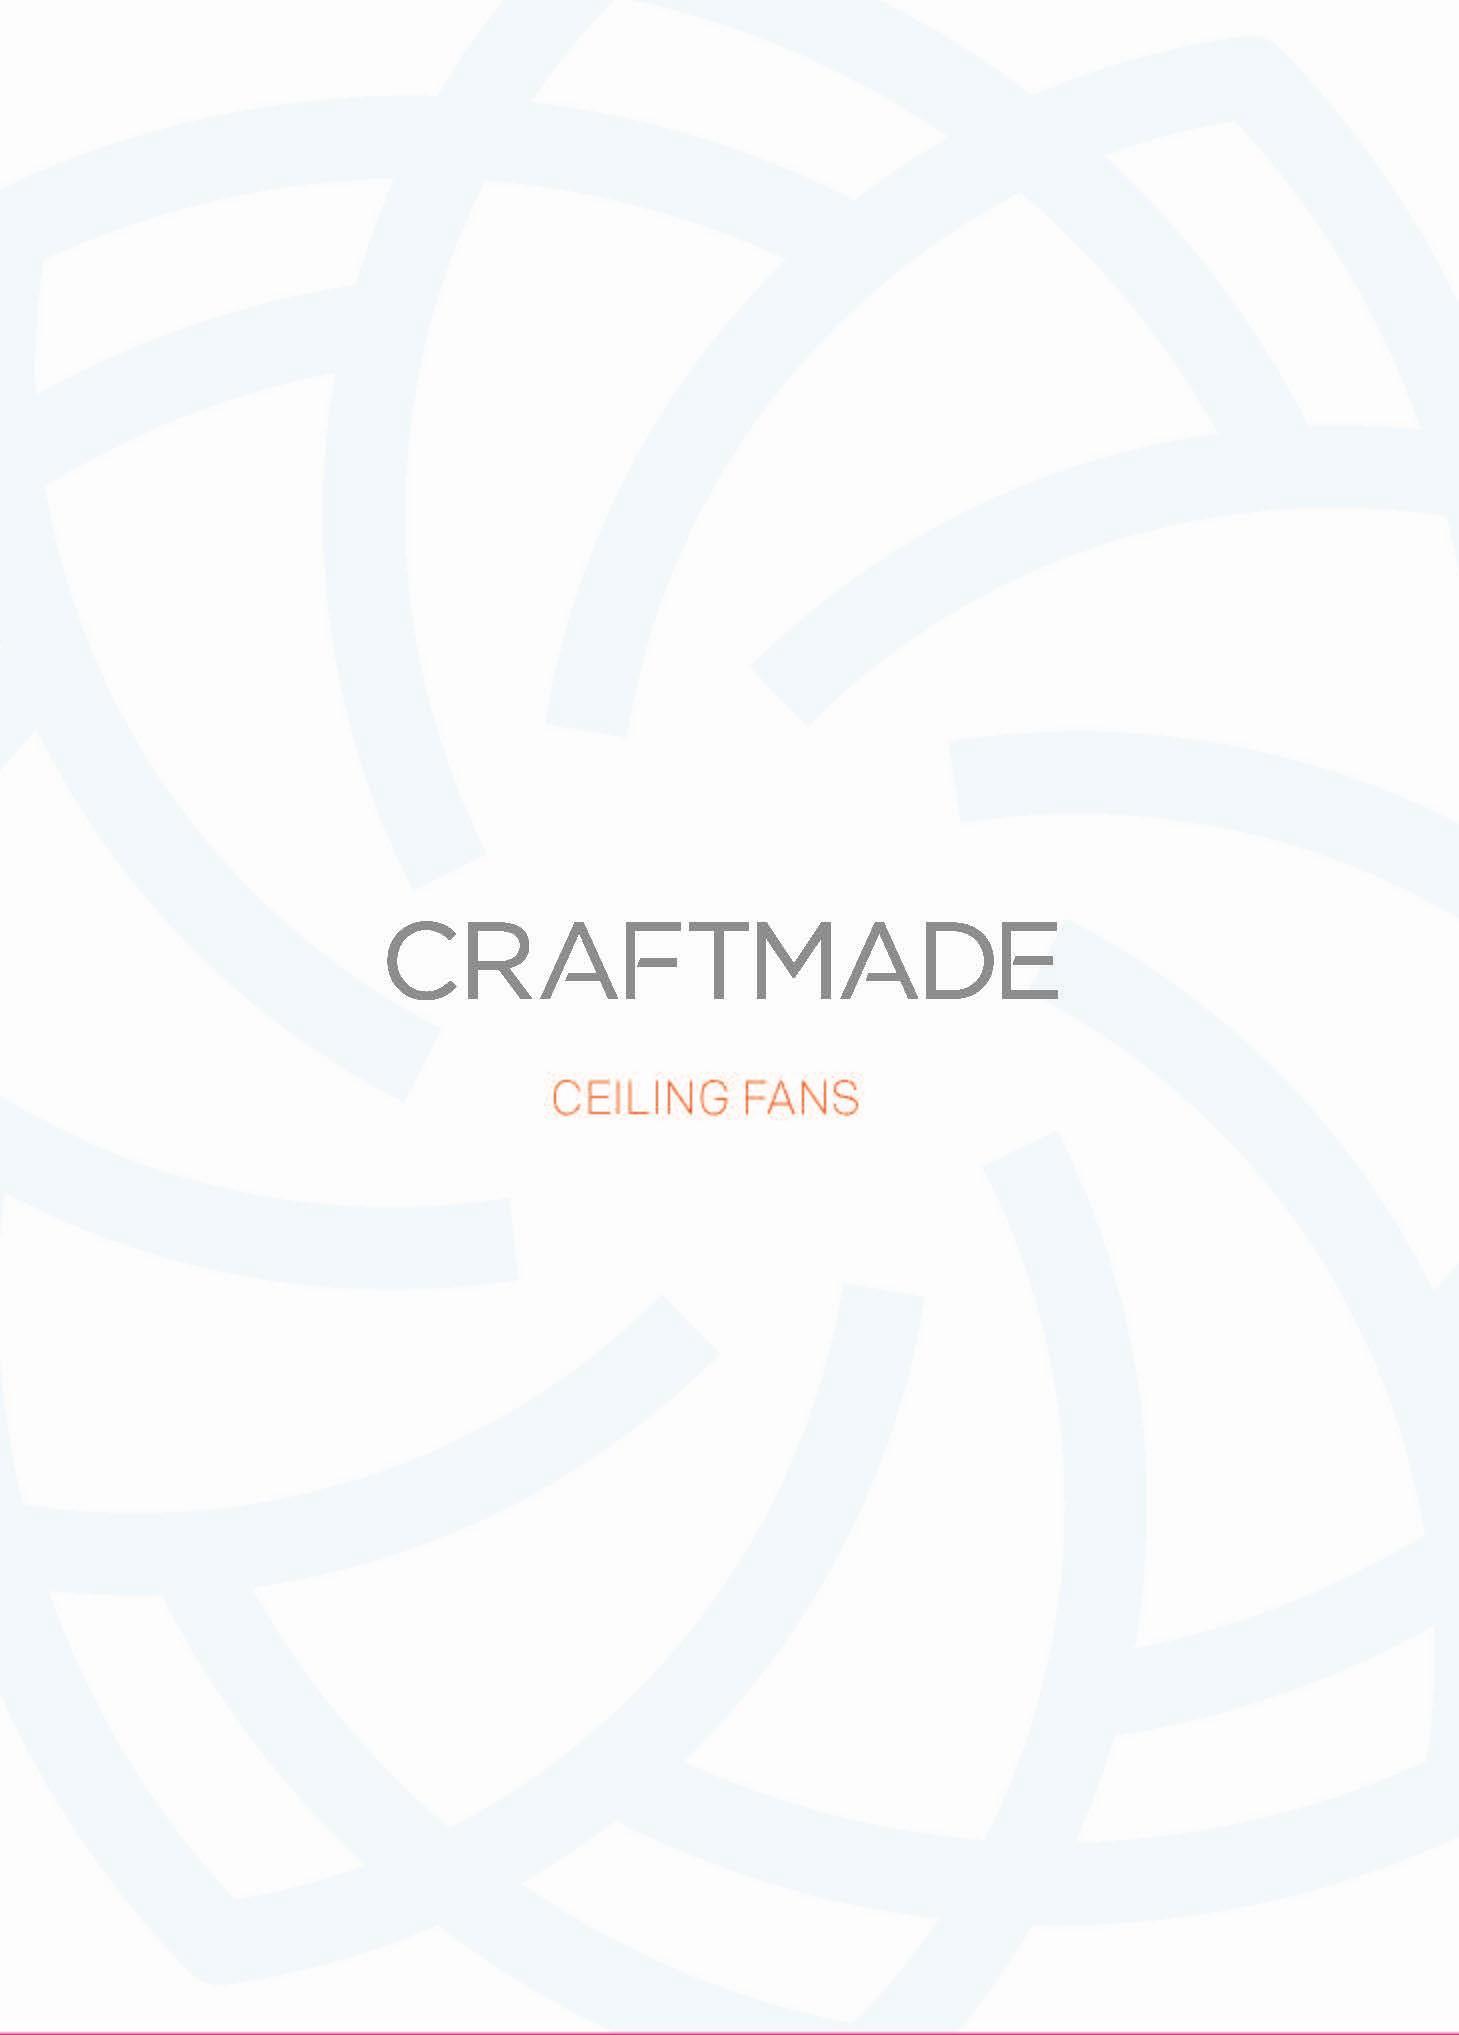 craftmade fans